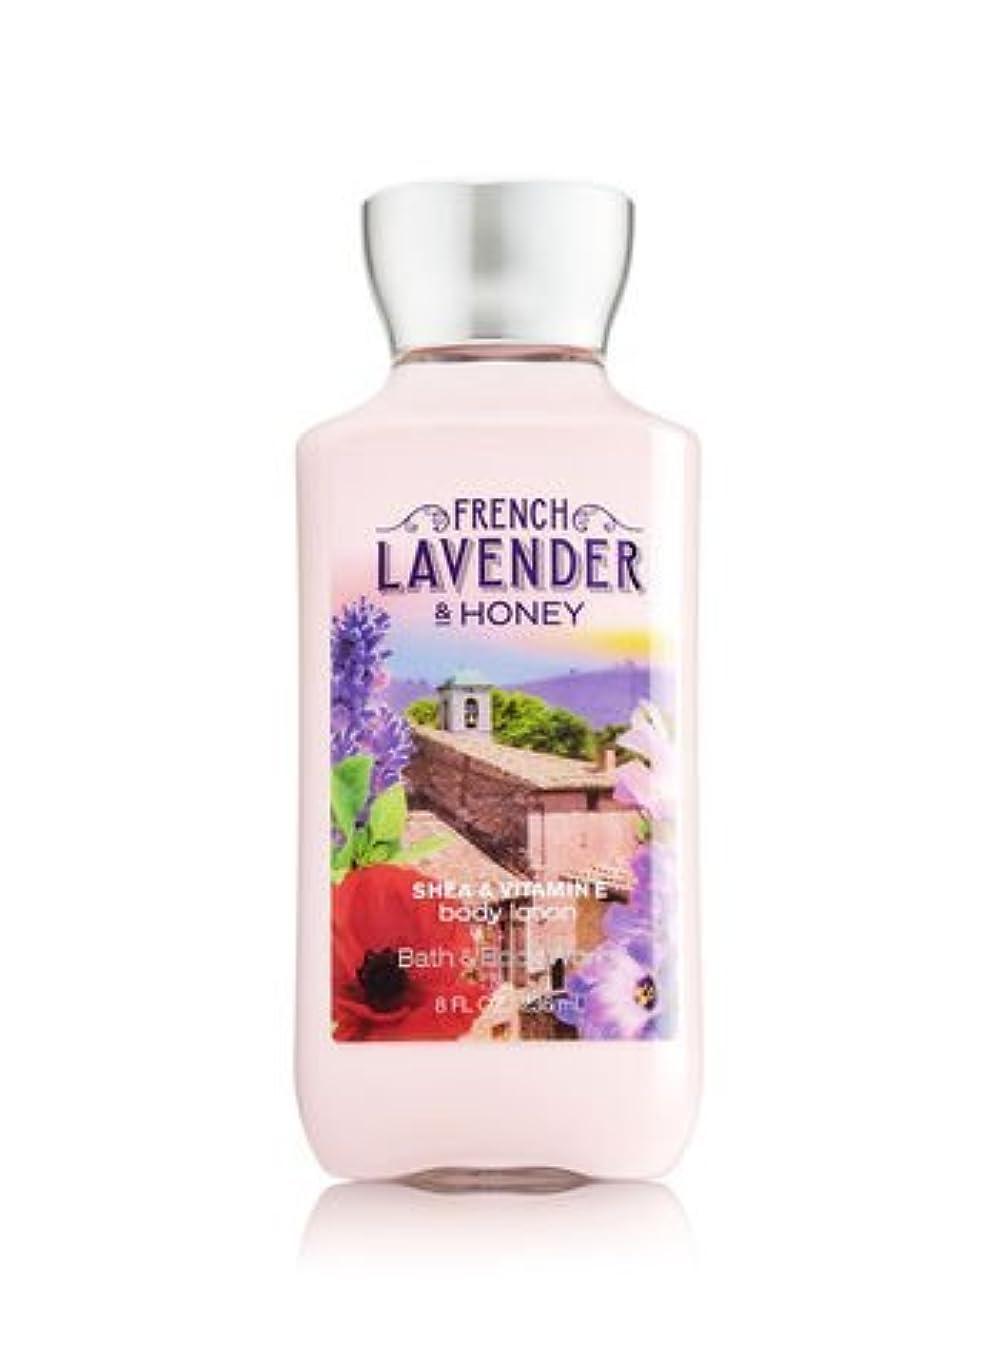 ロープナチュラ実業家【Bath&Body Works/バス&ボディワークス】 ボディローション フレンチラベンダー&ハニー Body Lotion French Lavender & Honey 8 fl oz / 236 mL [並行輸入品]